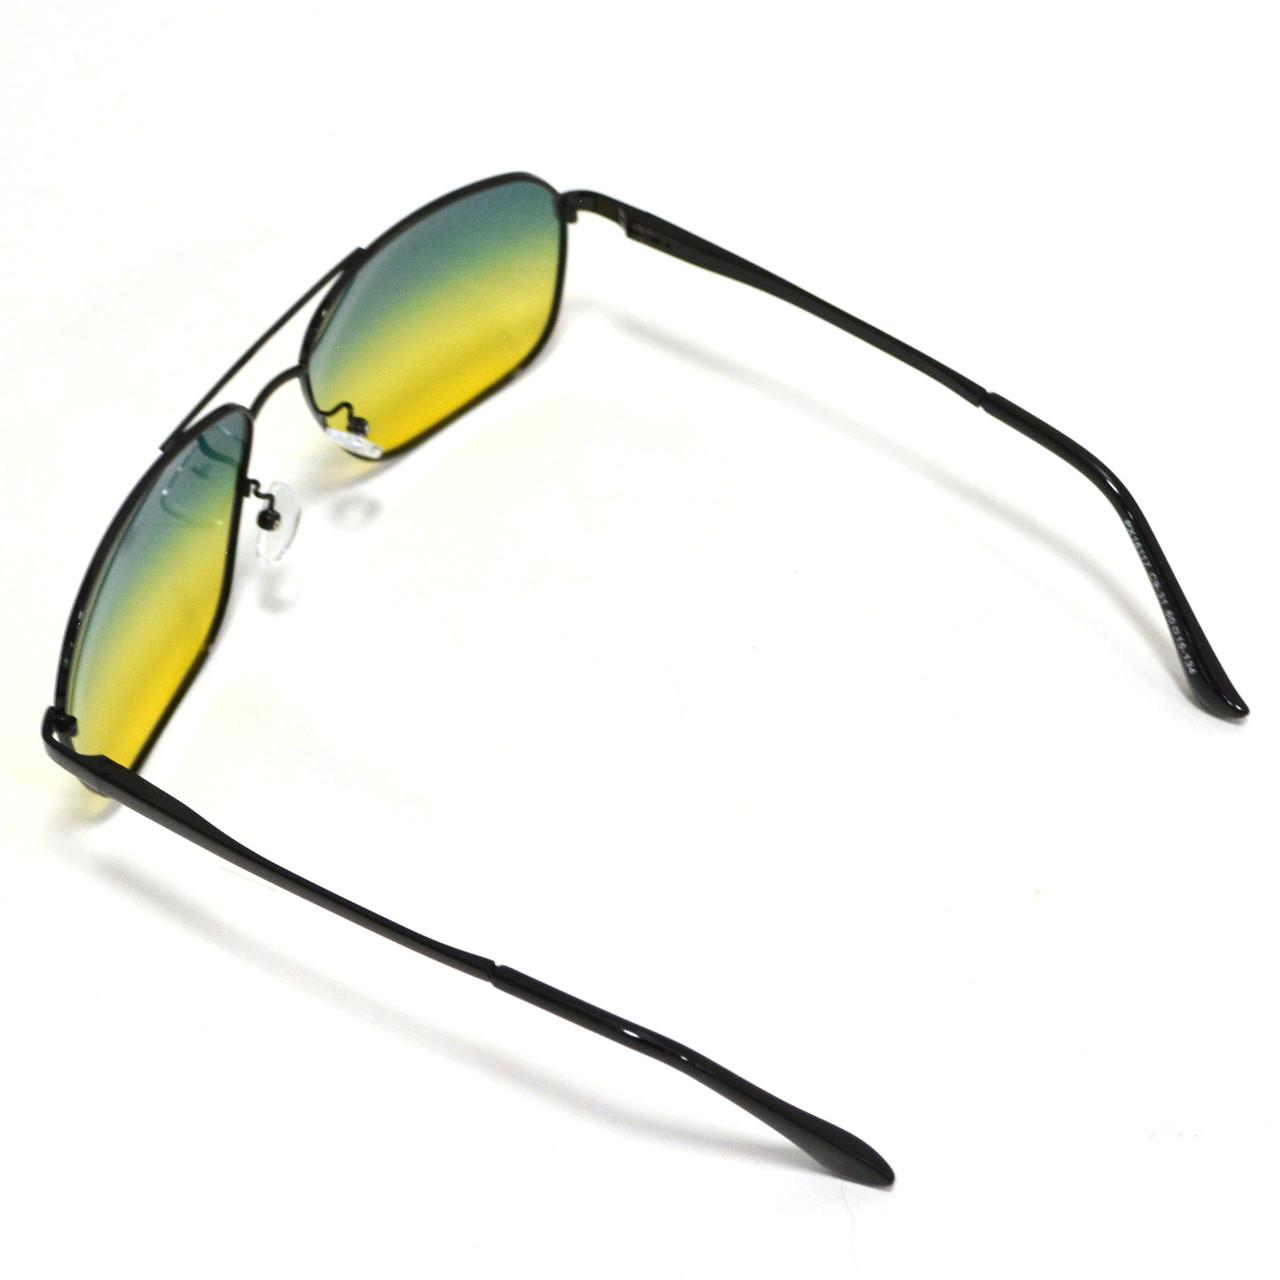 Солнцезащитные поляризационные очки ПОЛАРОИД UV400 тонкая сдвоенная оправа желто зеленые стекла АВТО PX16117 - фото 7